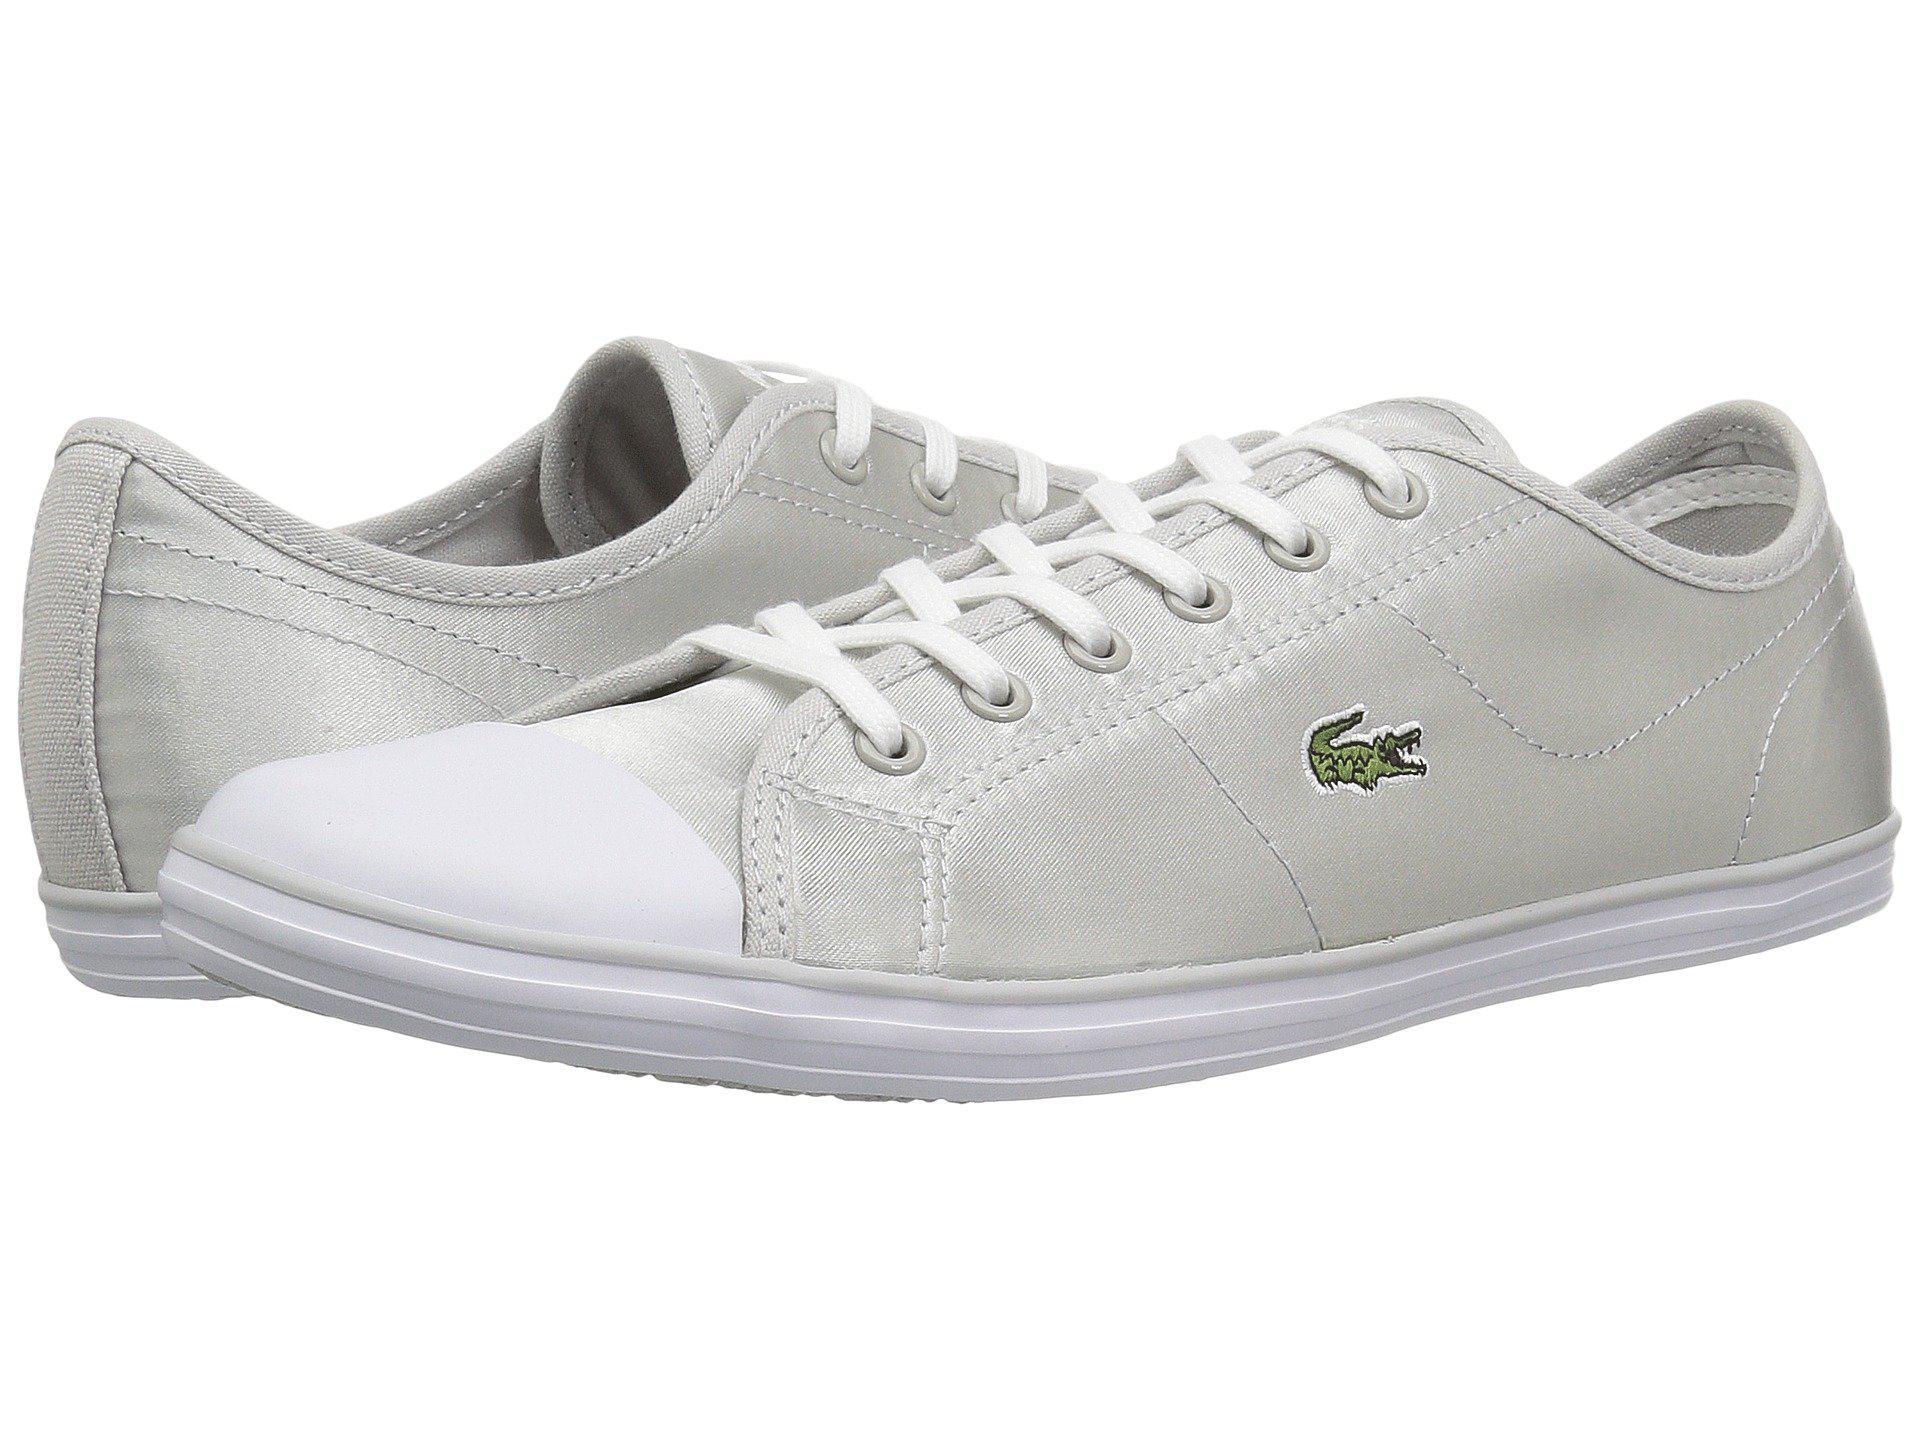 7162945f5 Lyst - Lacoste Ziane Sneaker 118 2 in Metallic for Men